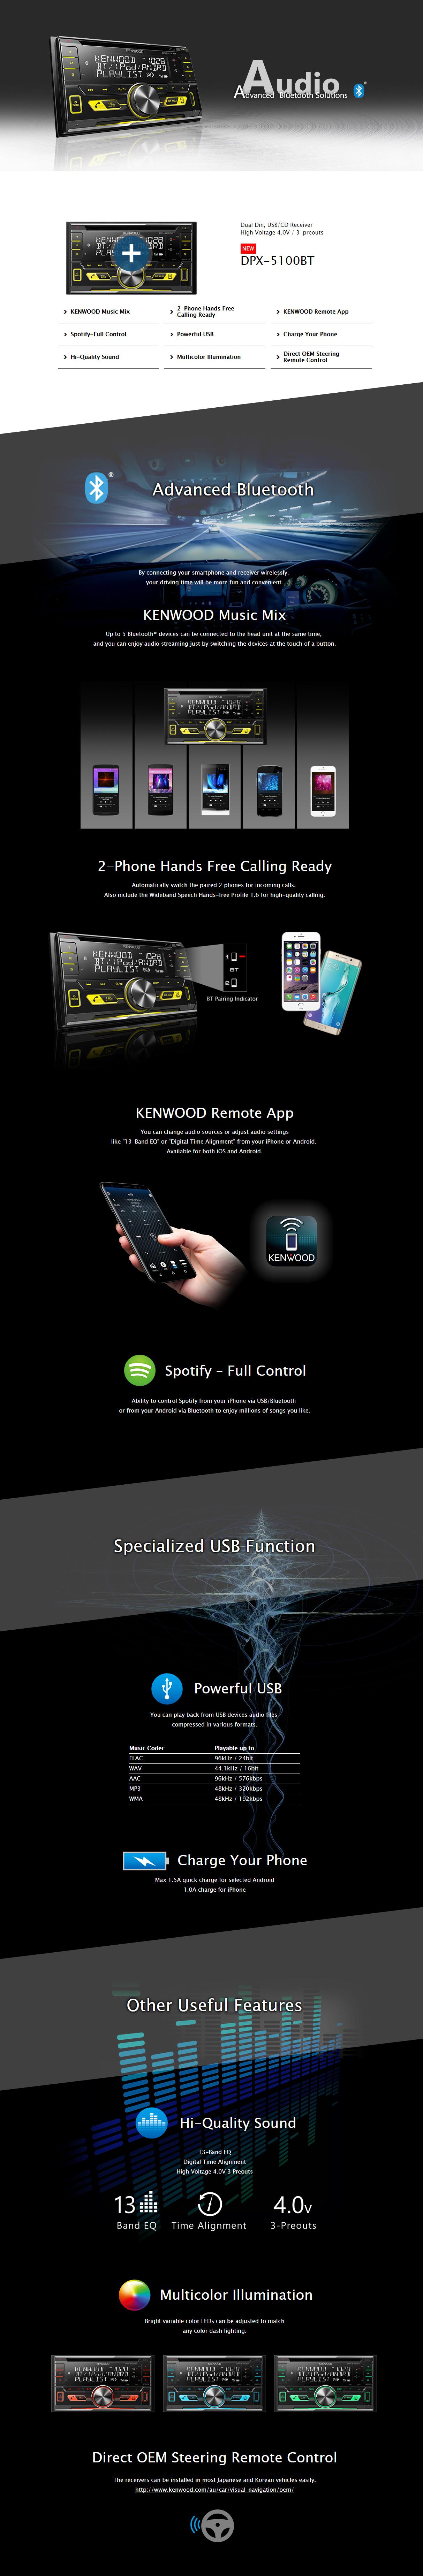 Kenwood DPX-5100BT Malaysia